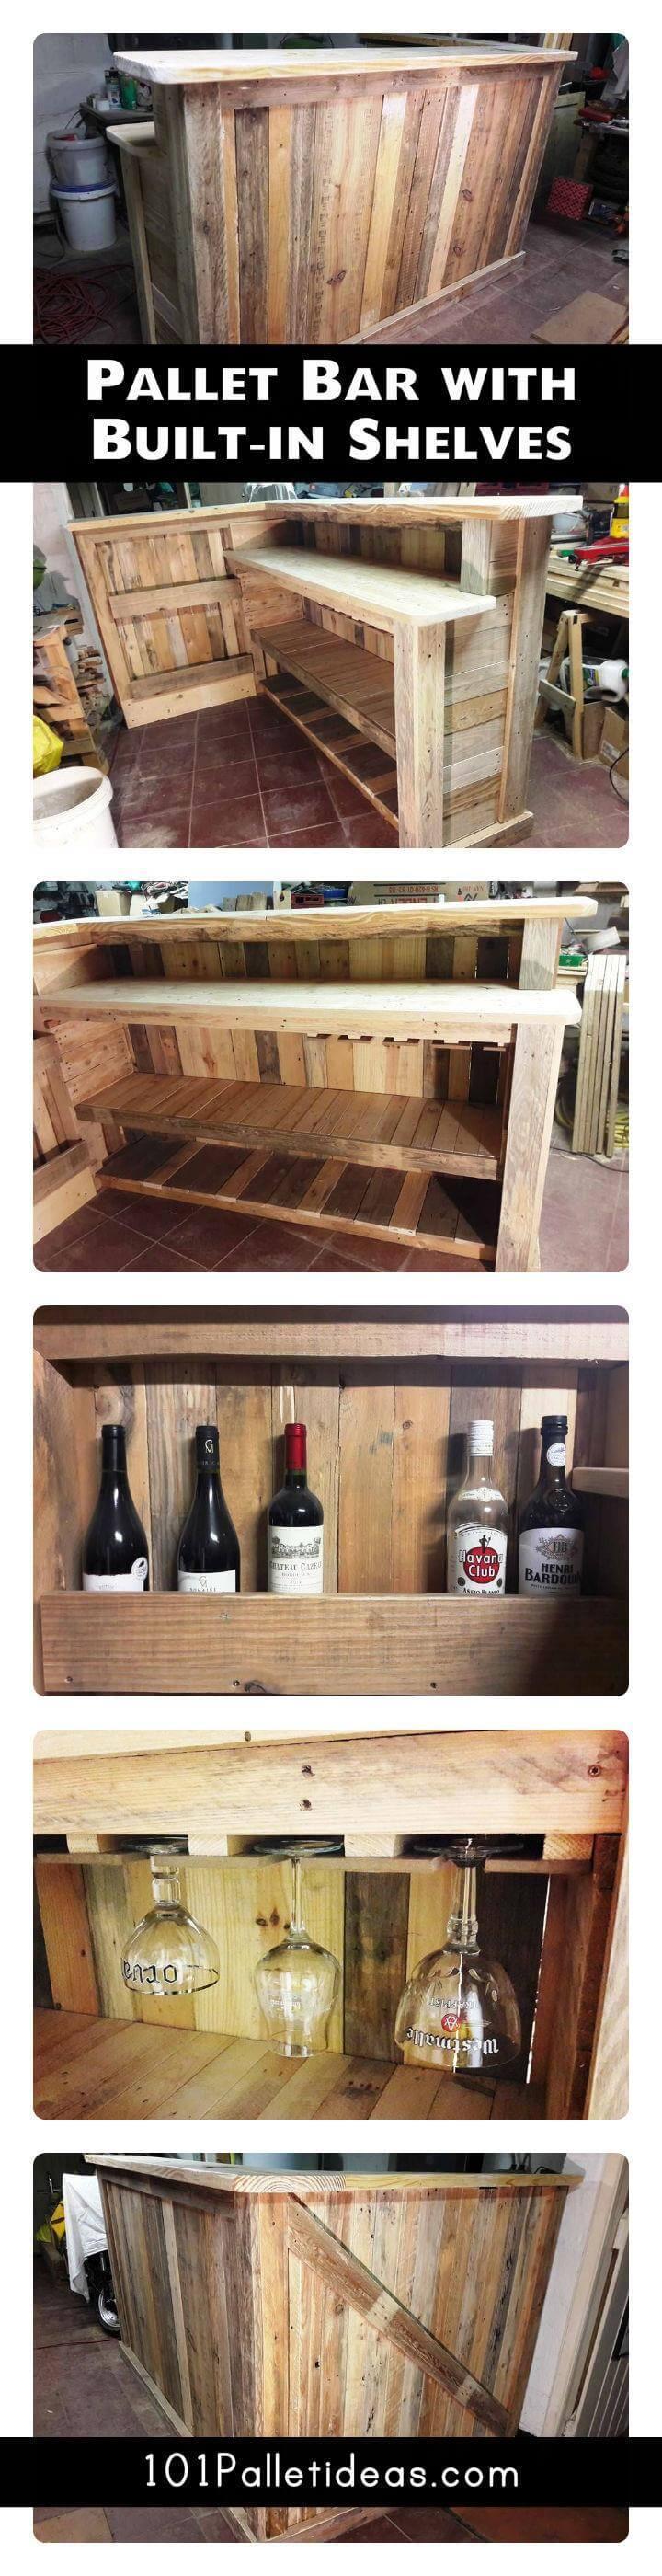 Diy Pallet Bar With Custom Built In Shelves Easy Pallet